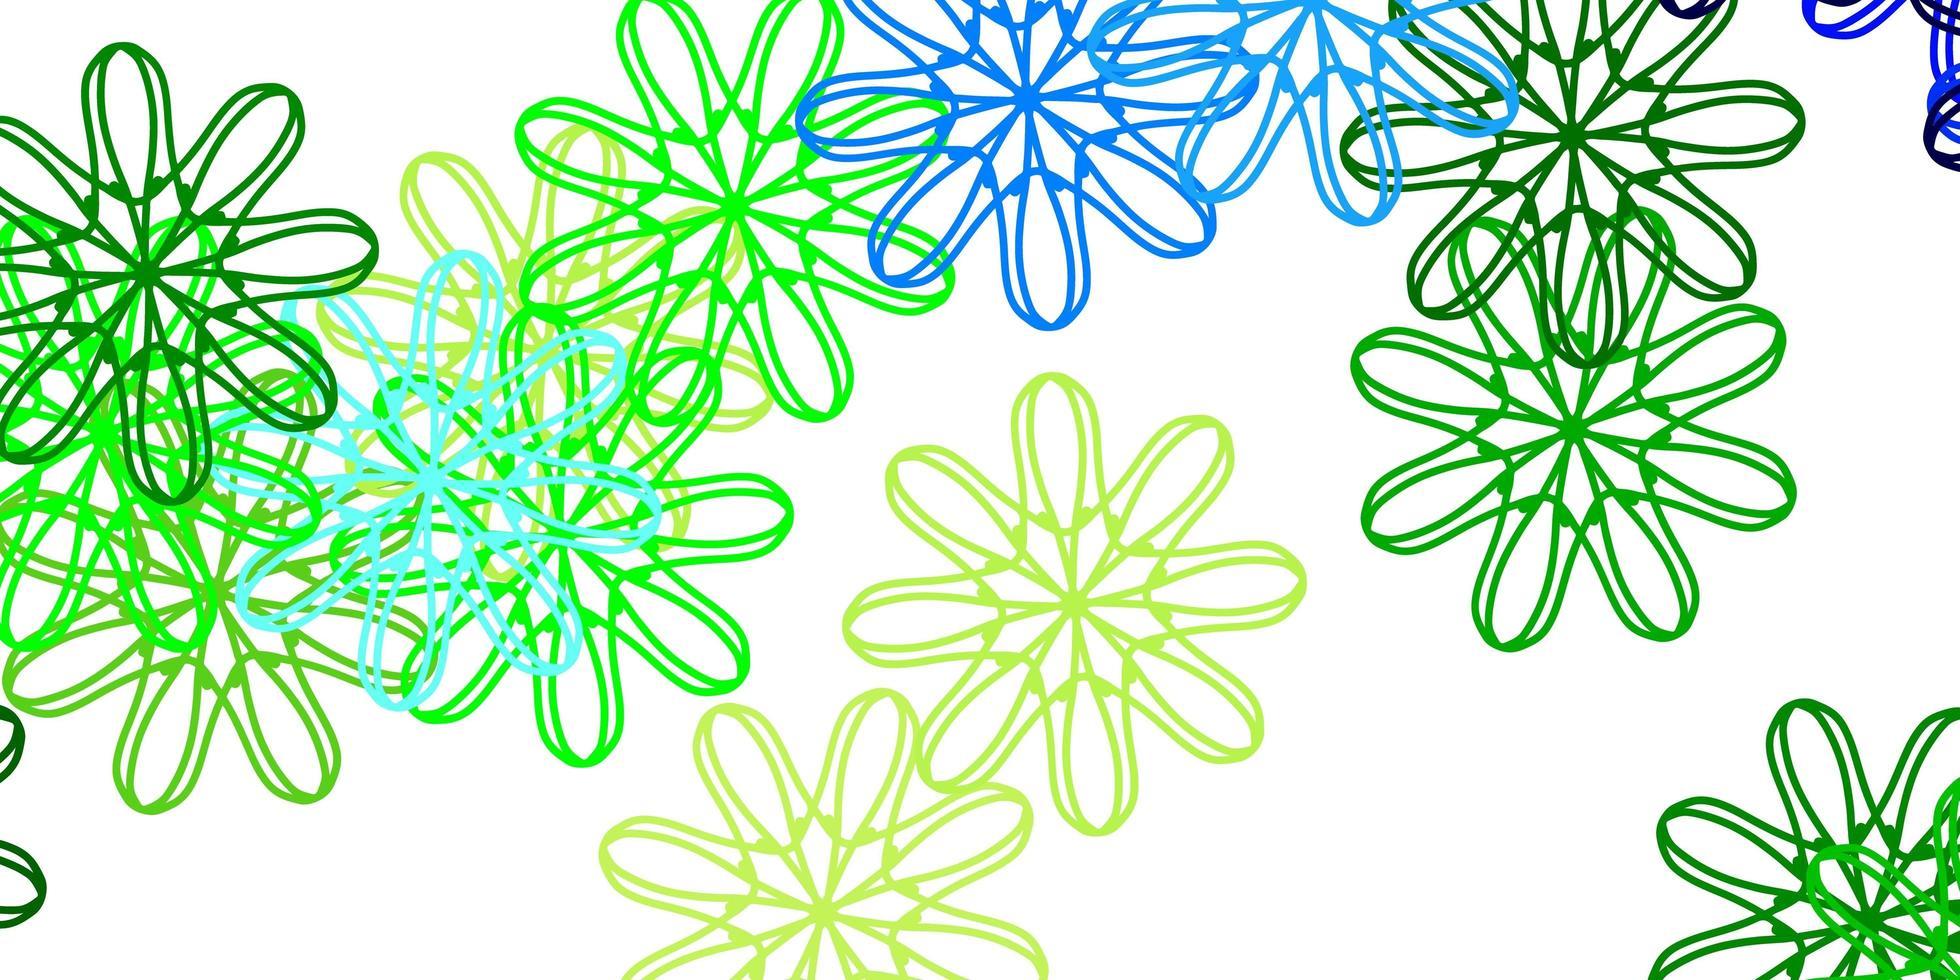 hellblaue, grüne Vektor-Gekritzelschablone mit Blumen. vektor